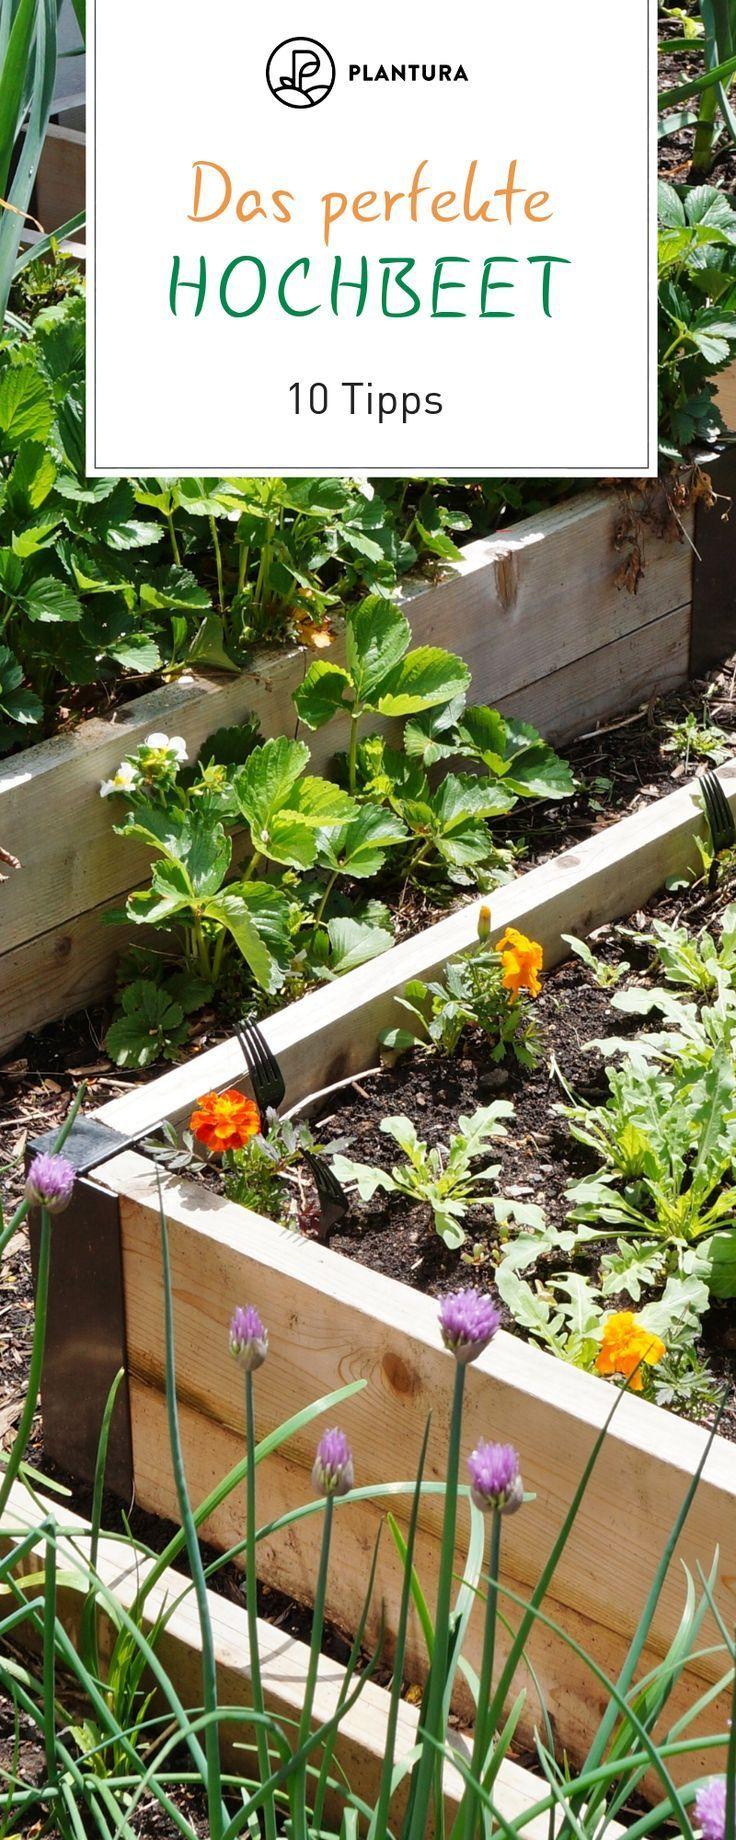 10 Tipps Fur Das Perfekte Hochbeet Das Fur Hochbeet Perfekte Selberbaue Das Fur Hochbeet Perfekte Hochbeet Garten Hochbeet Erhohte Gartenbeet